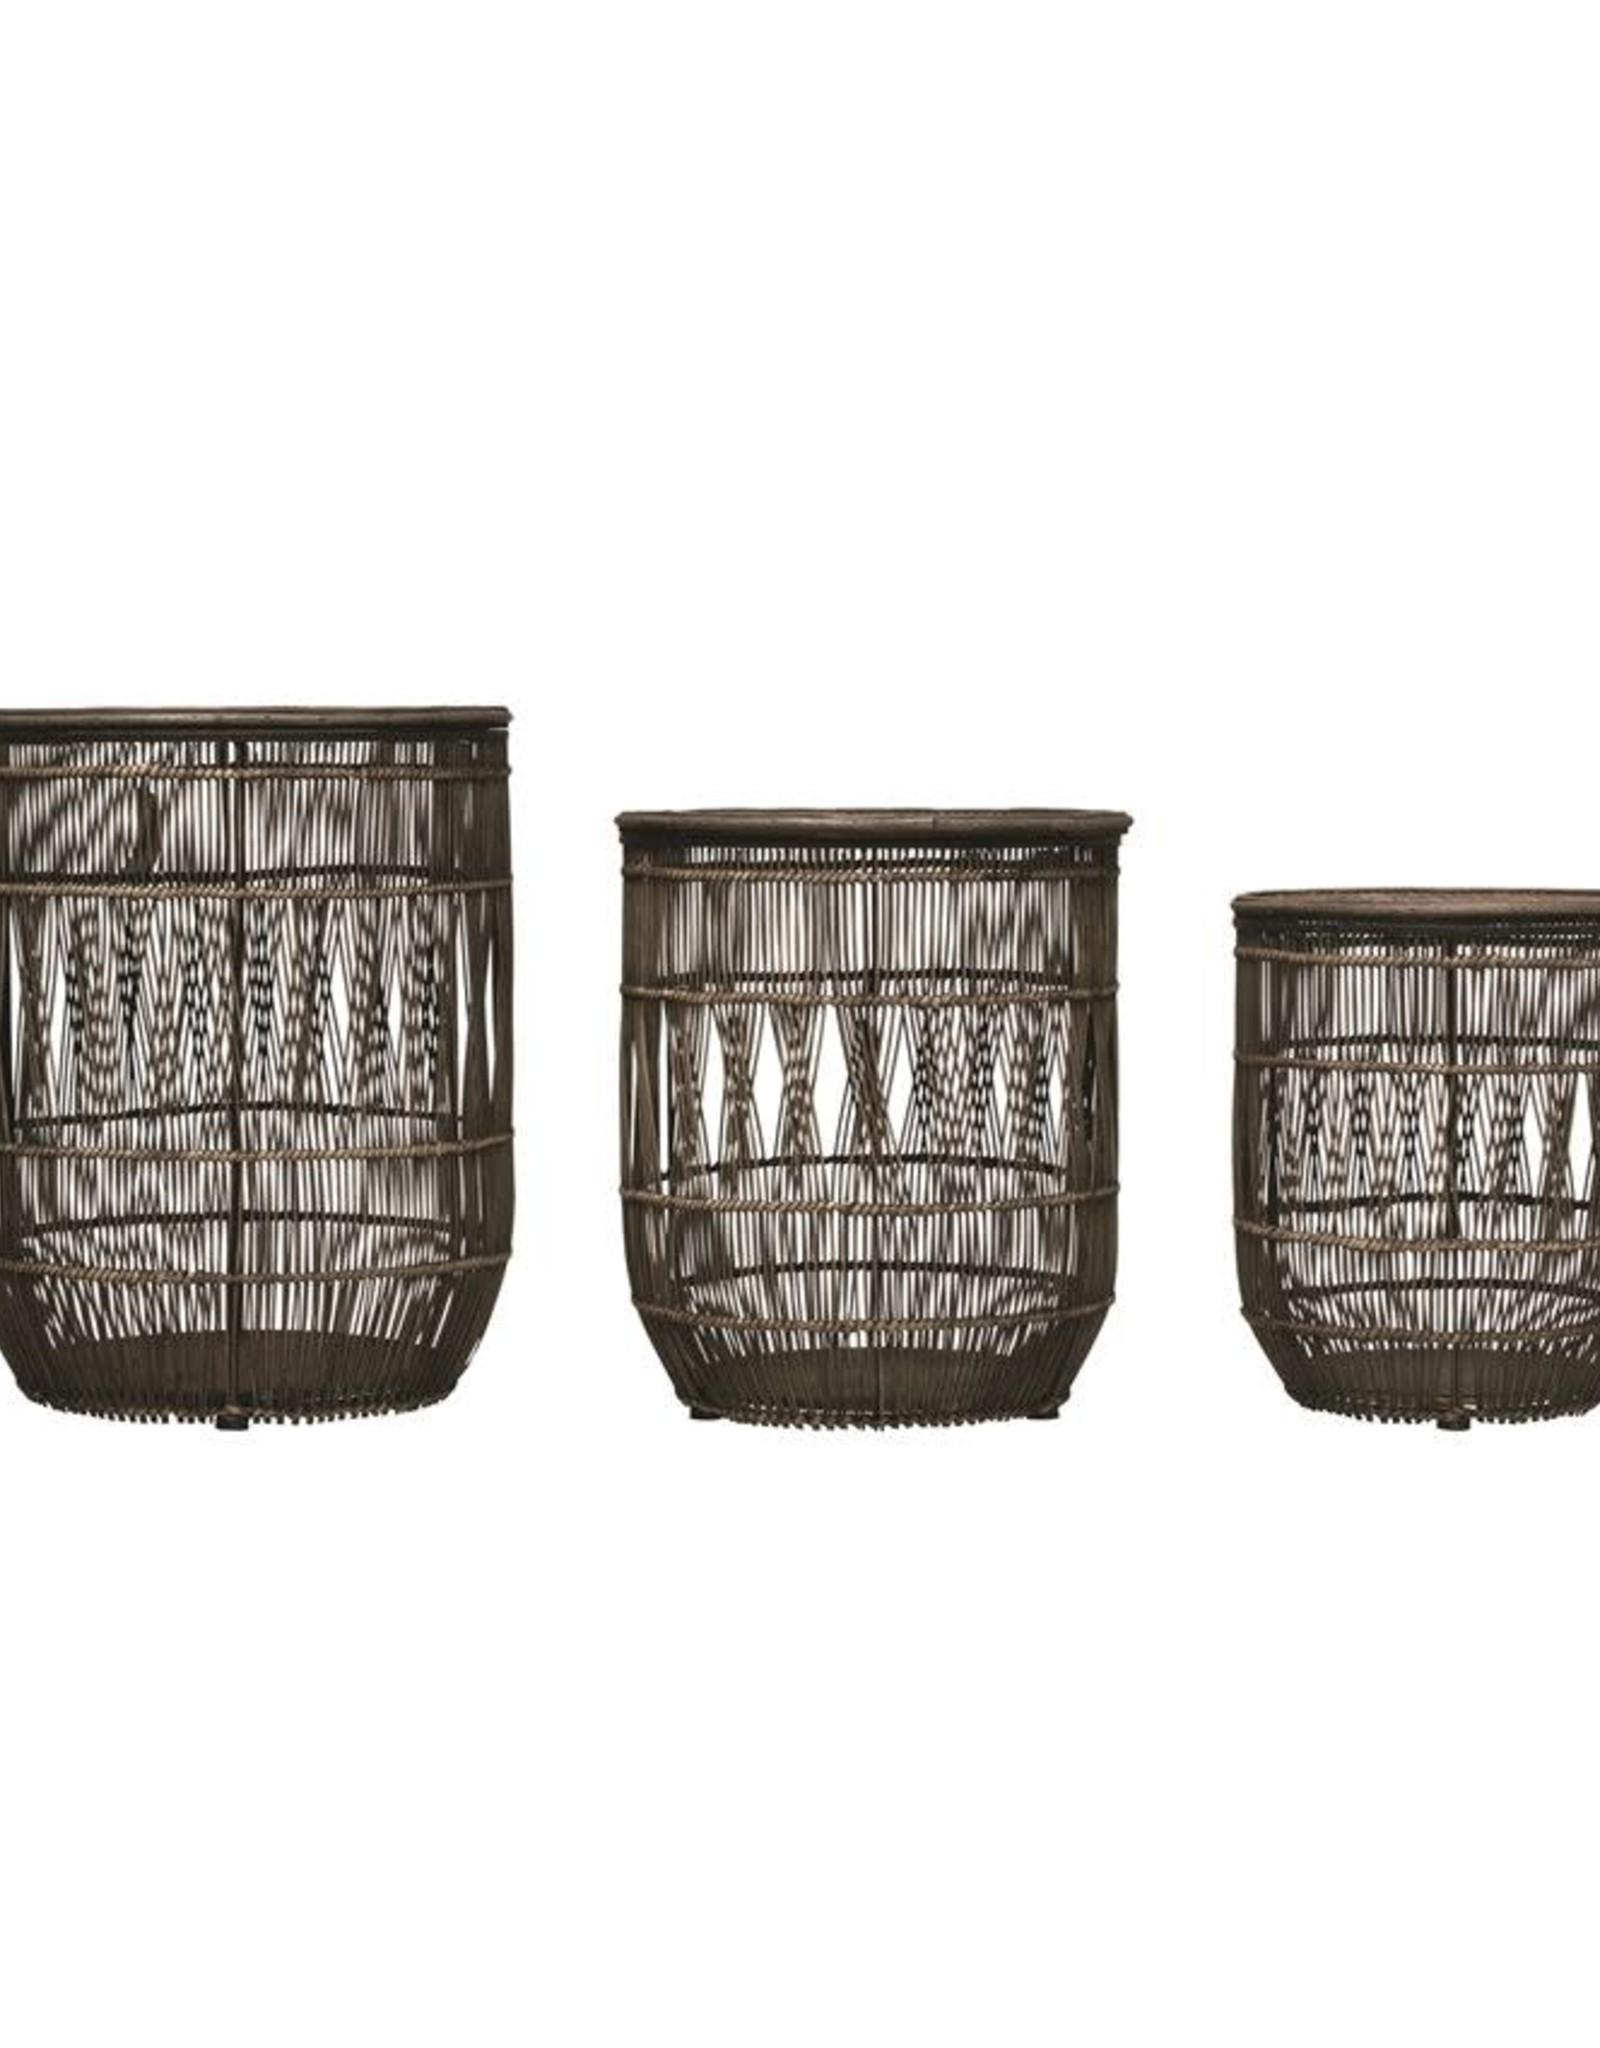 Hand Woven Bamboo & Rattan Baskets w/ Lids